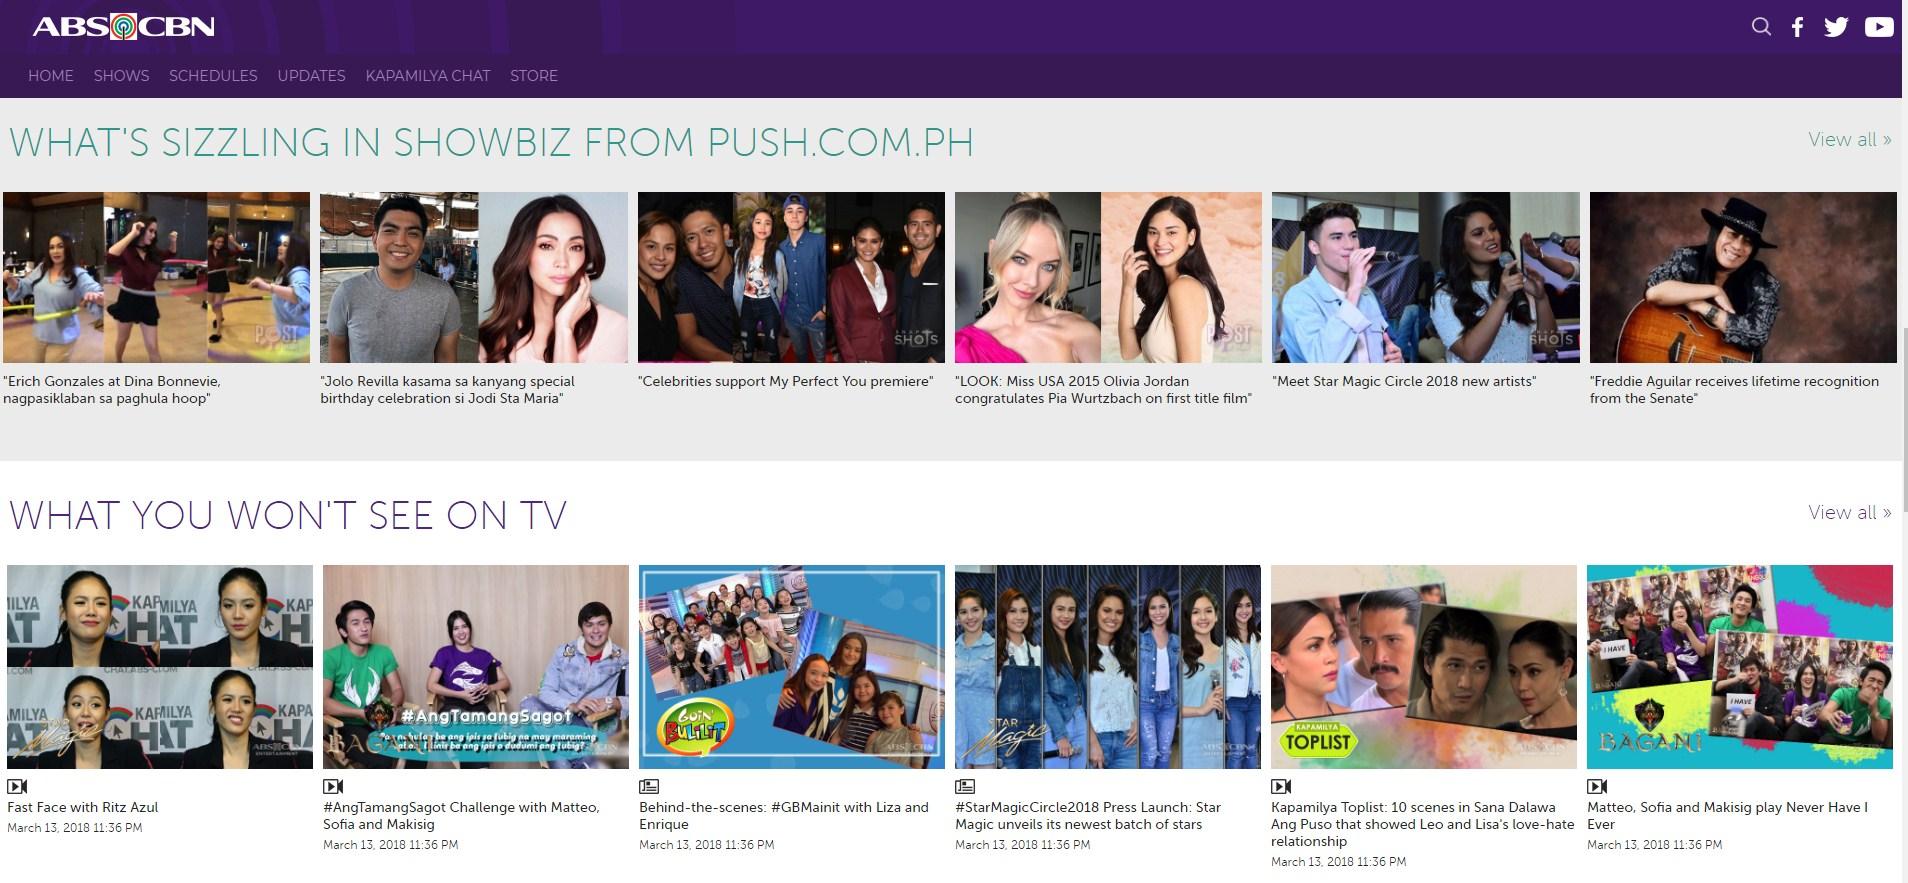 ABS CBN News & Entertainment Website